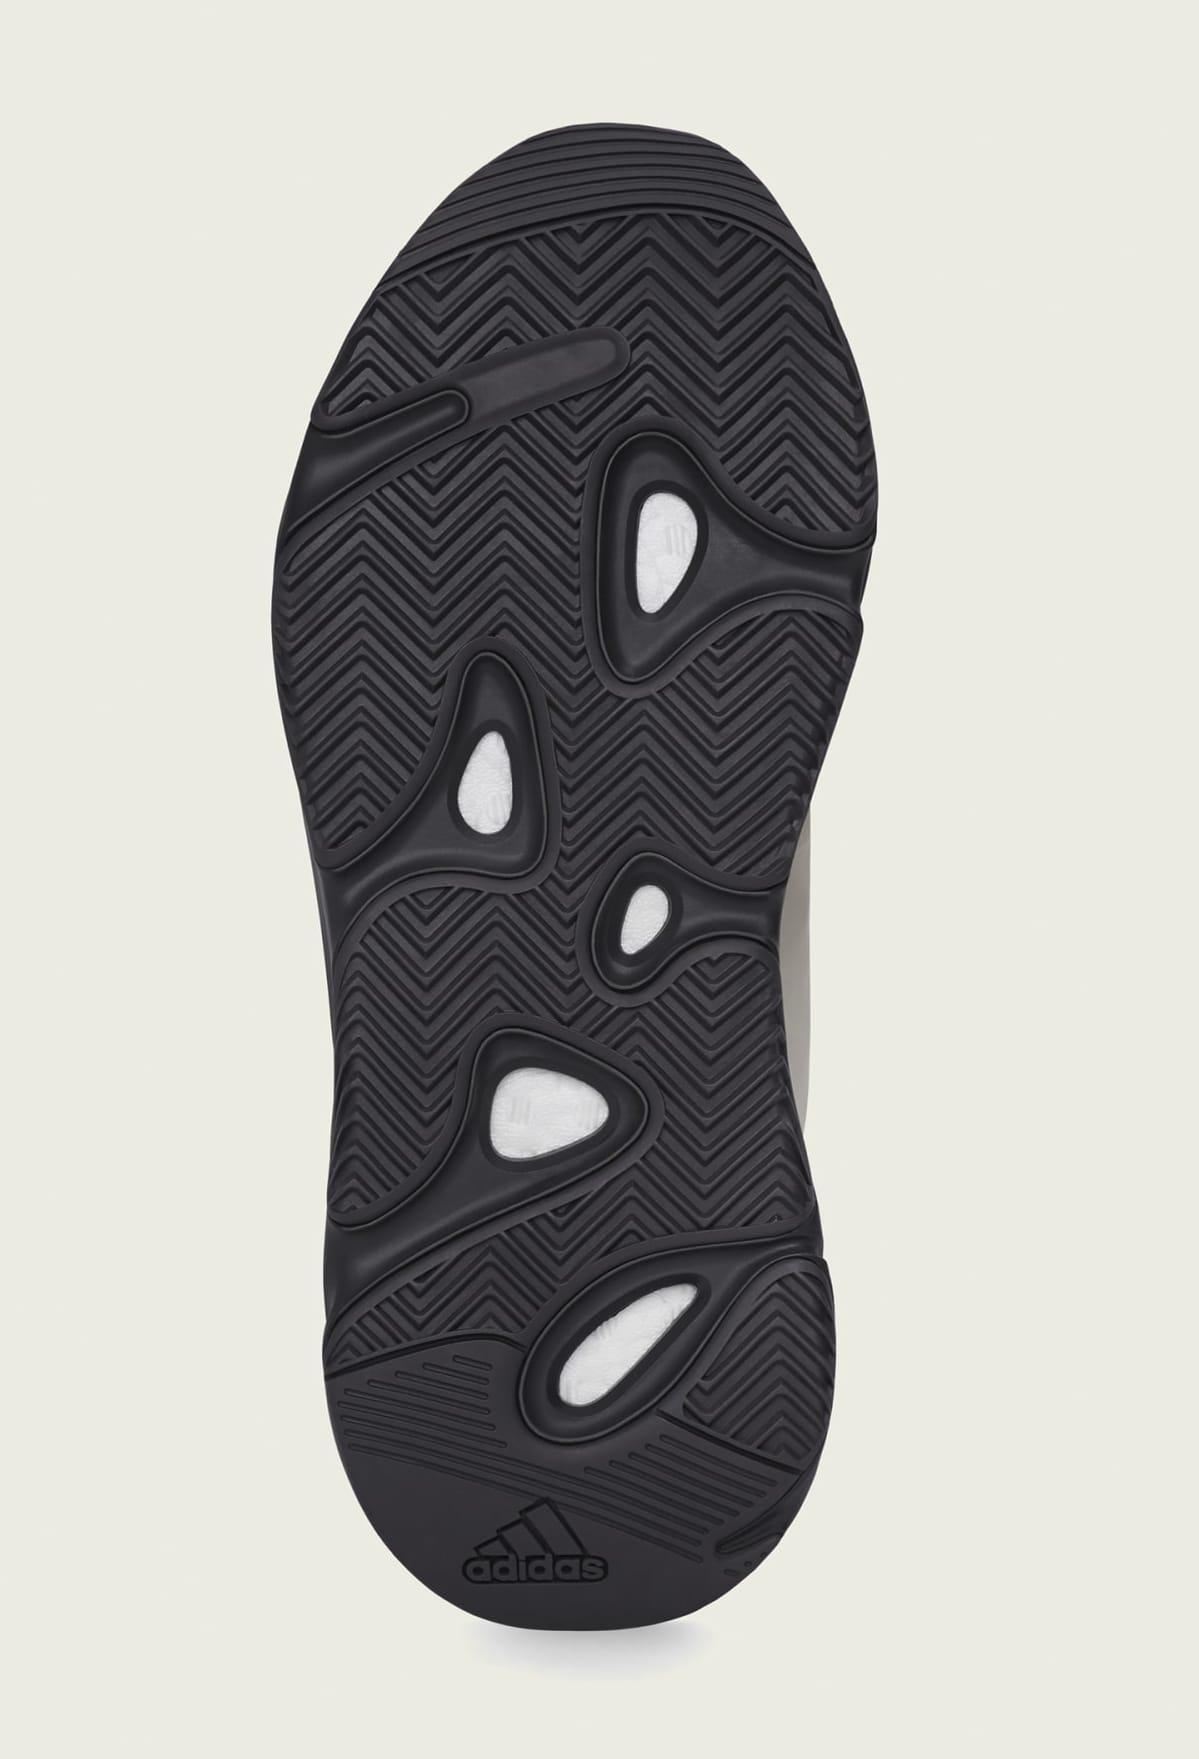 Adidas Yeezy Boost 700 MNVN 'Bone' FY3729 Semelle extérieure